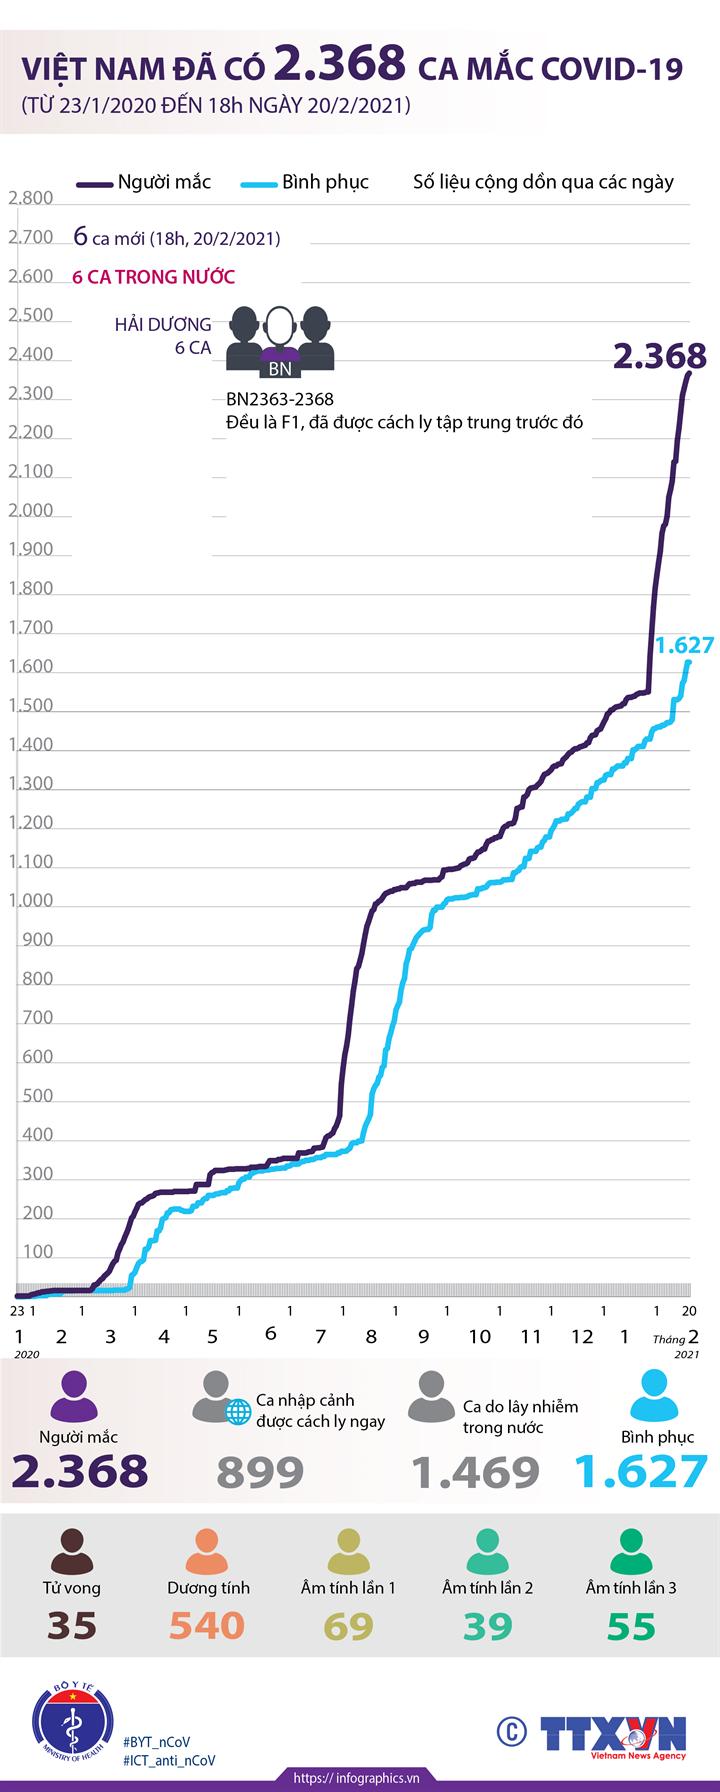 Việt Nam đã có 2.368 ca mắc COVID-19 (từ 23/1/2020 đến 18h ngày 20/2/2021)